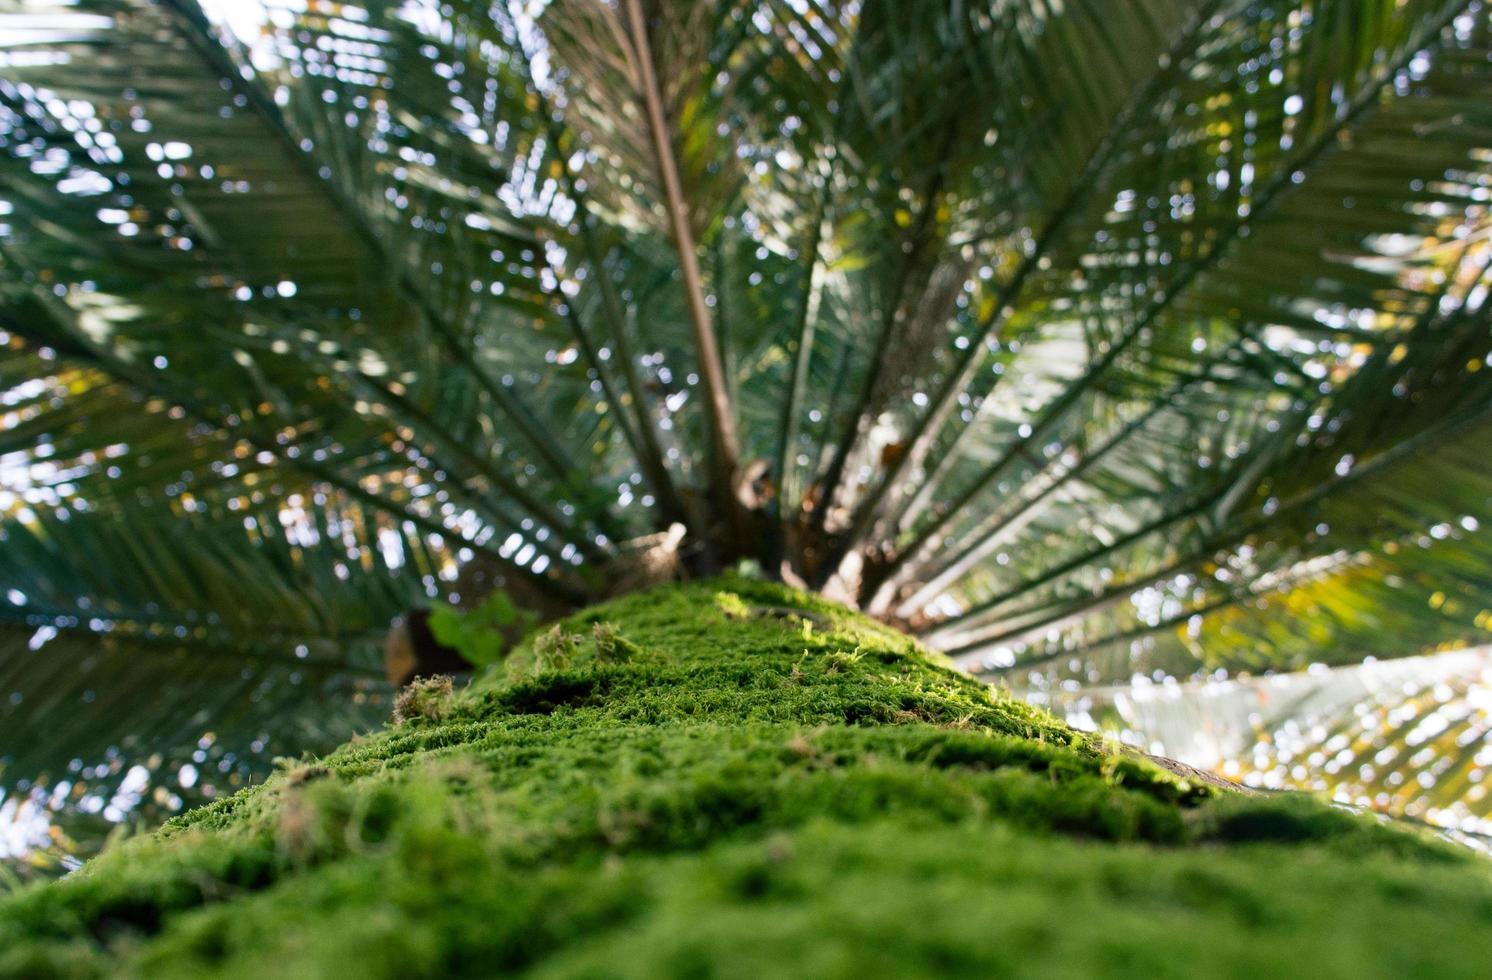 natürlicher Hintergrund mit Palmenstamm und Blättern foto